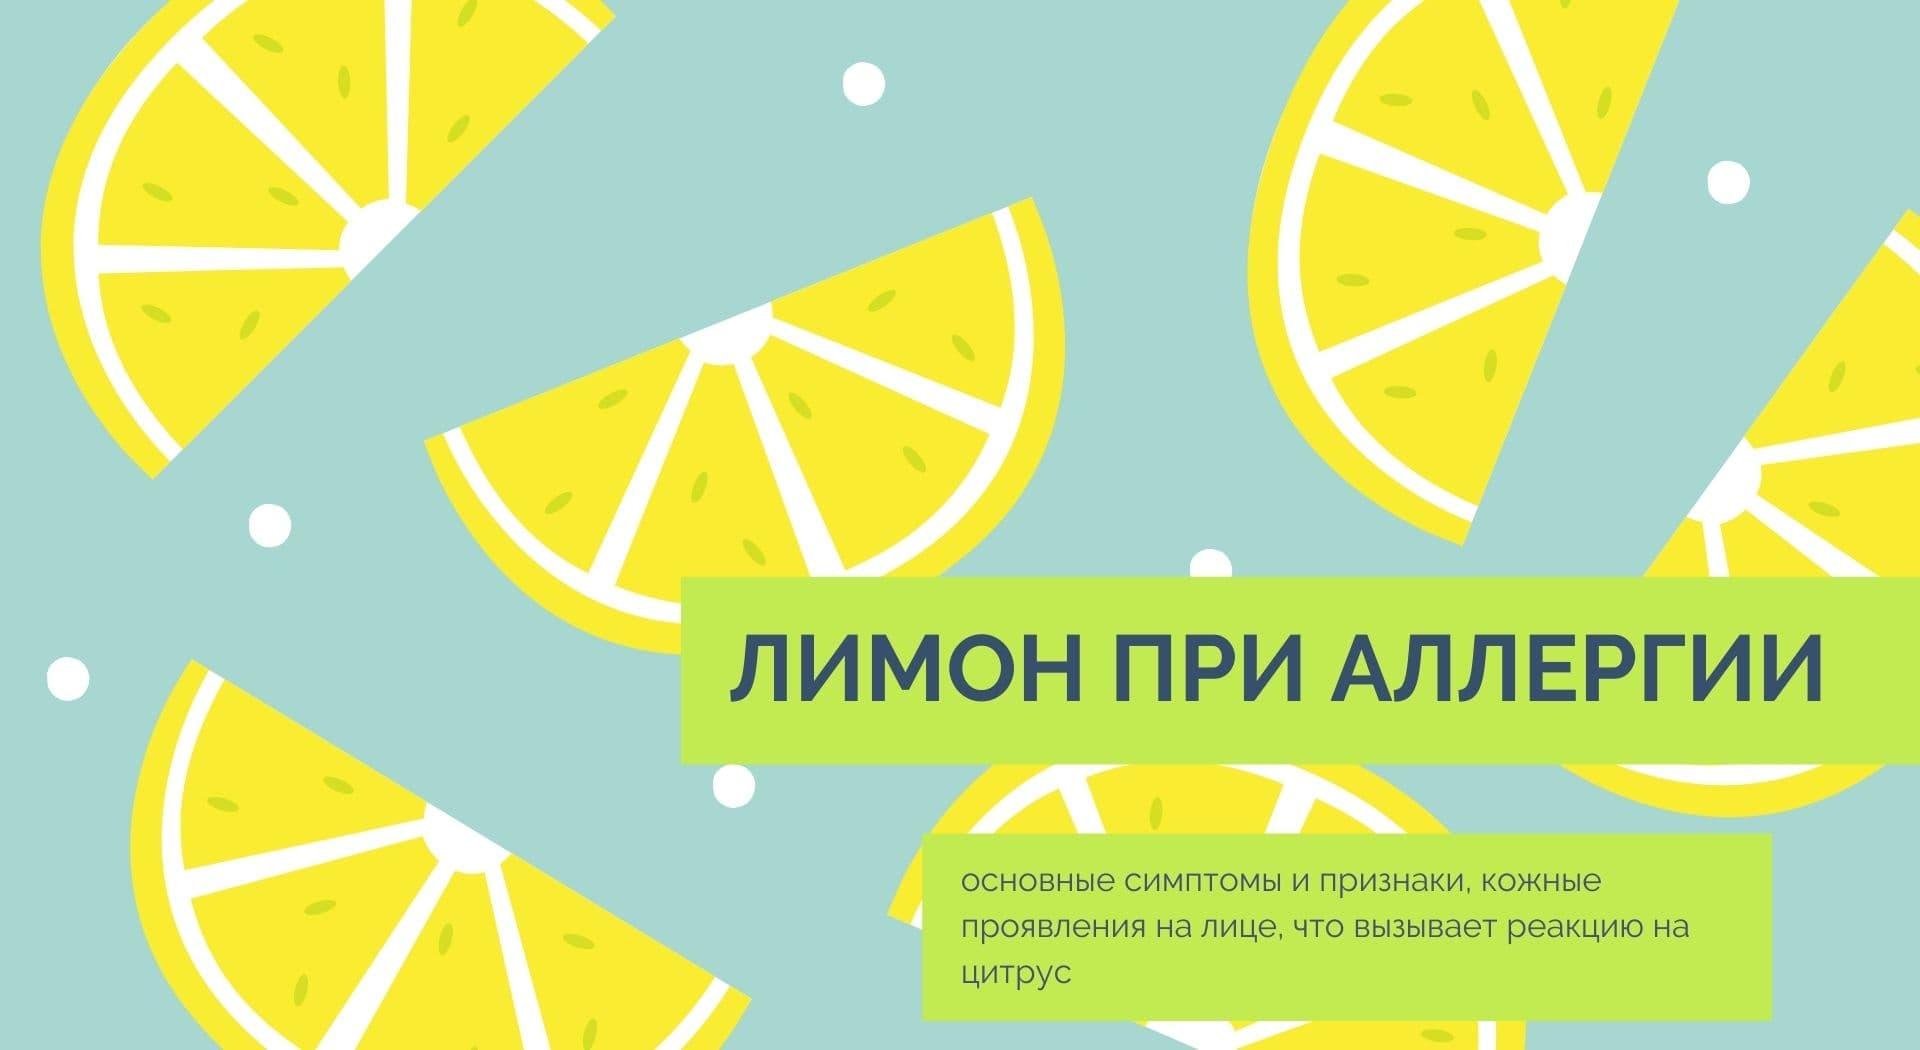 Лимон при аллергии: основные симптомы и признаки, кожные проявления на лице, что вызывает реакцию на цитрус